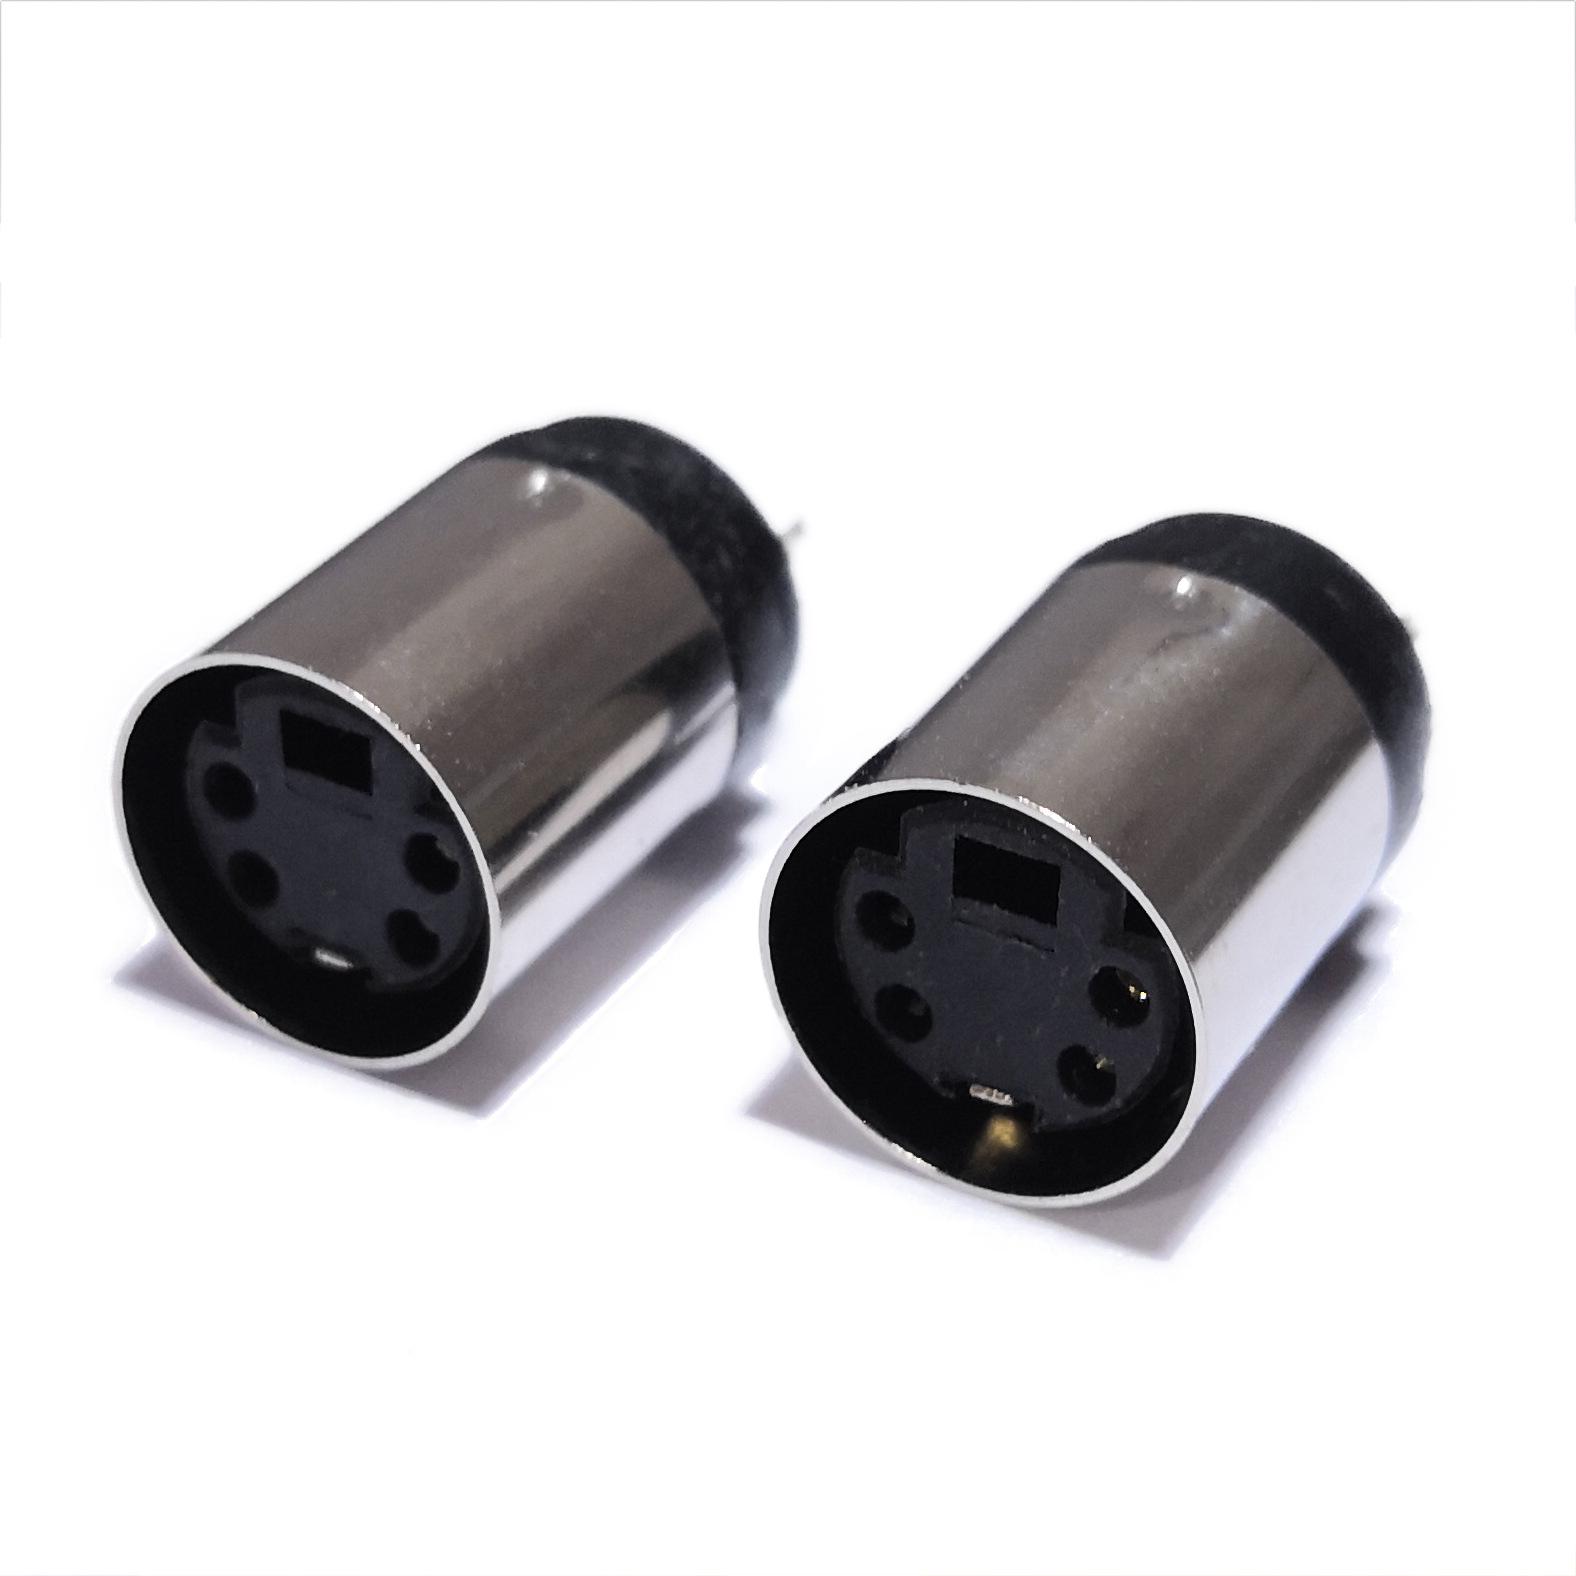 DF Cầu đấu dây Domino Thiết bị đầu cuối kết nối mini MINIDIN 4P nữ S